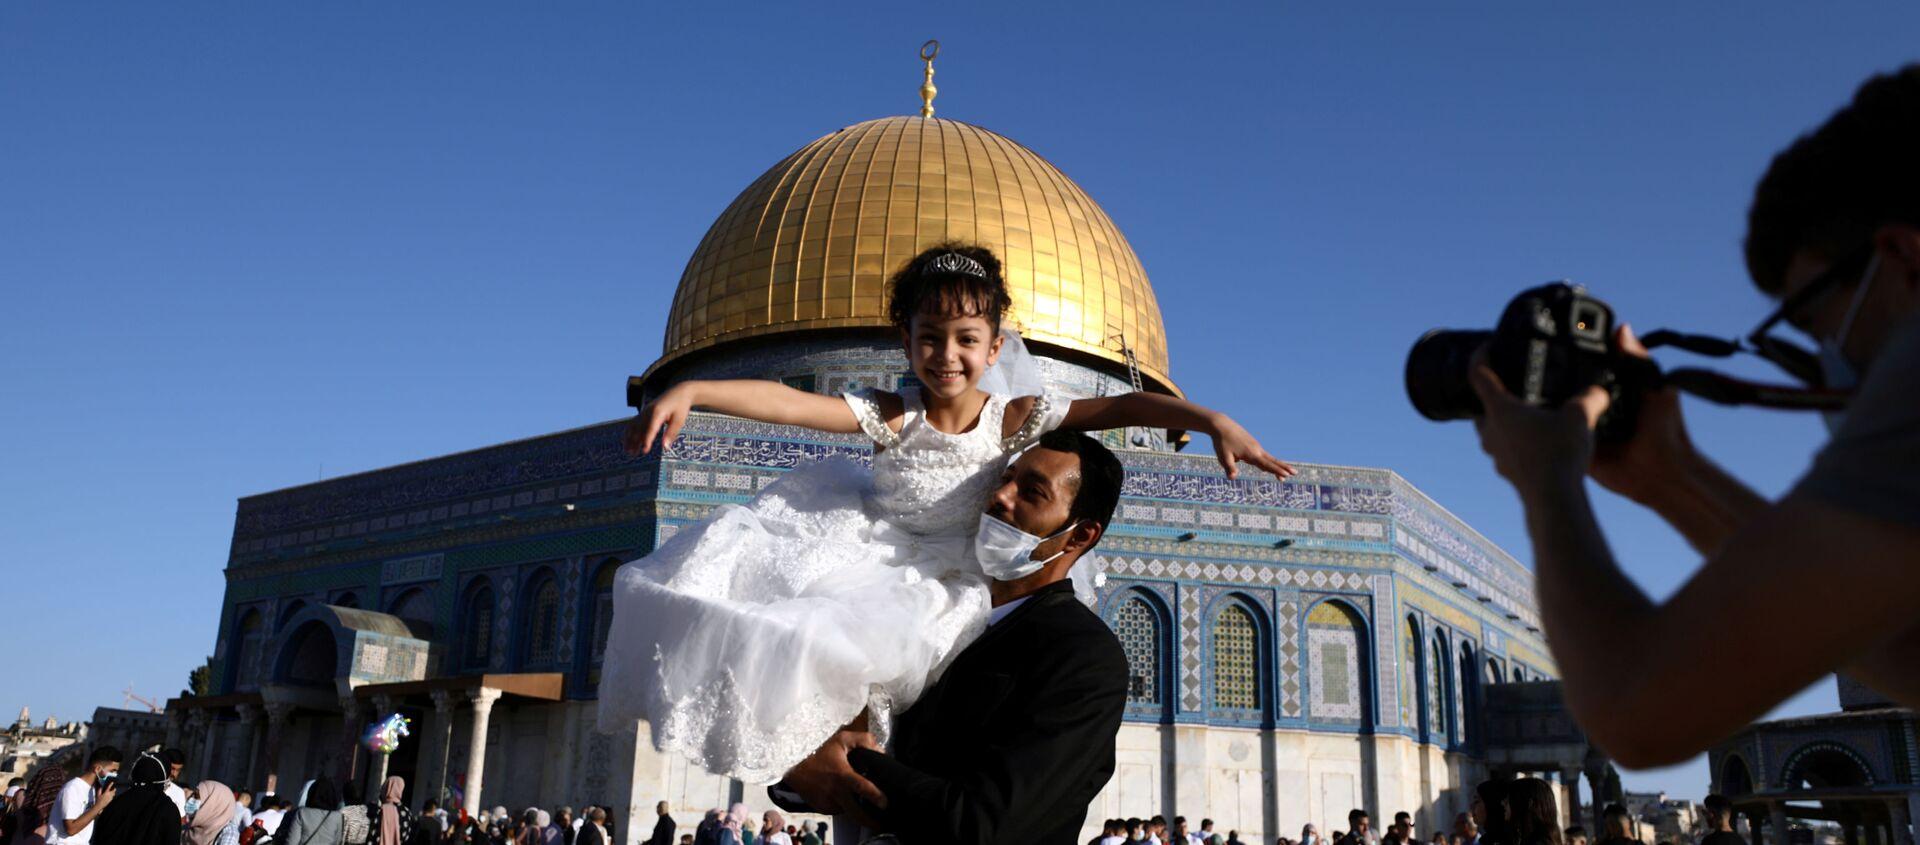 Musulmanes palestinos festejan la Celebración del Sacrificio en la explanada de las mezquitas - Sputnik Mundo, 1920, 31.07.2020